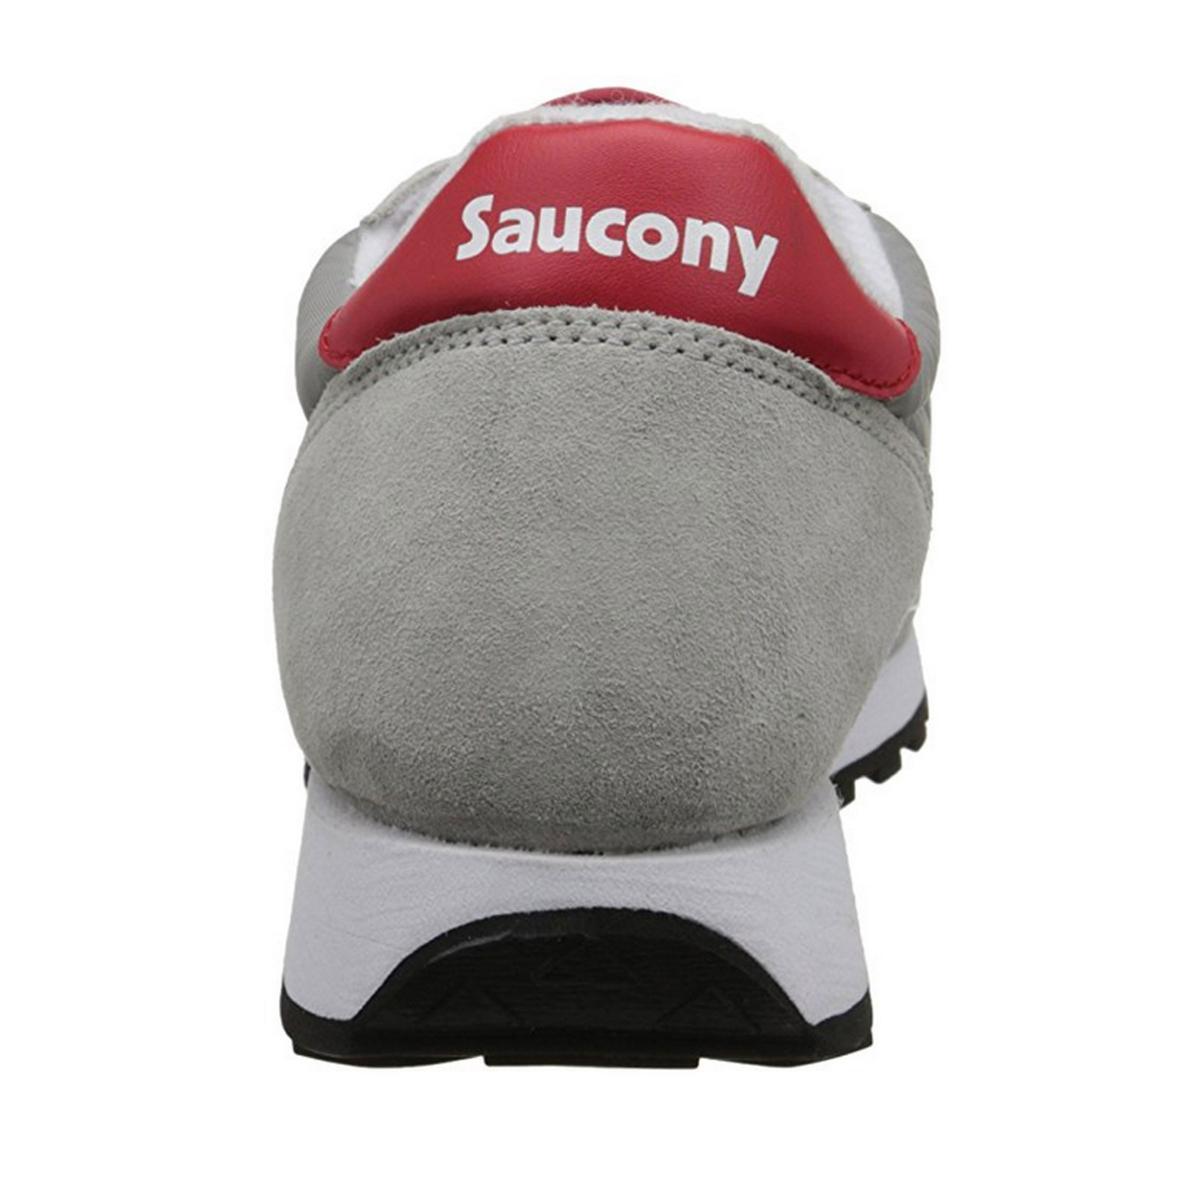 Scarpe Saucony Jazz O' - Unisex Rif. S2044-323 www.montorostore.it